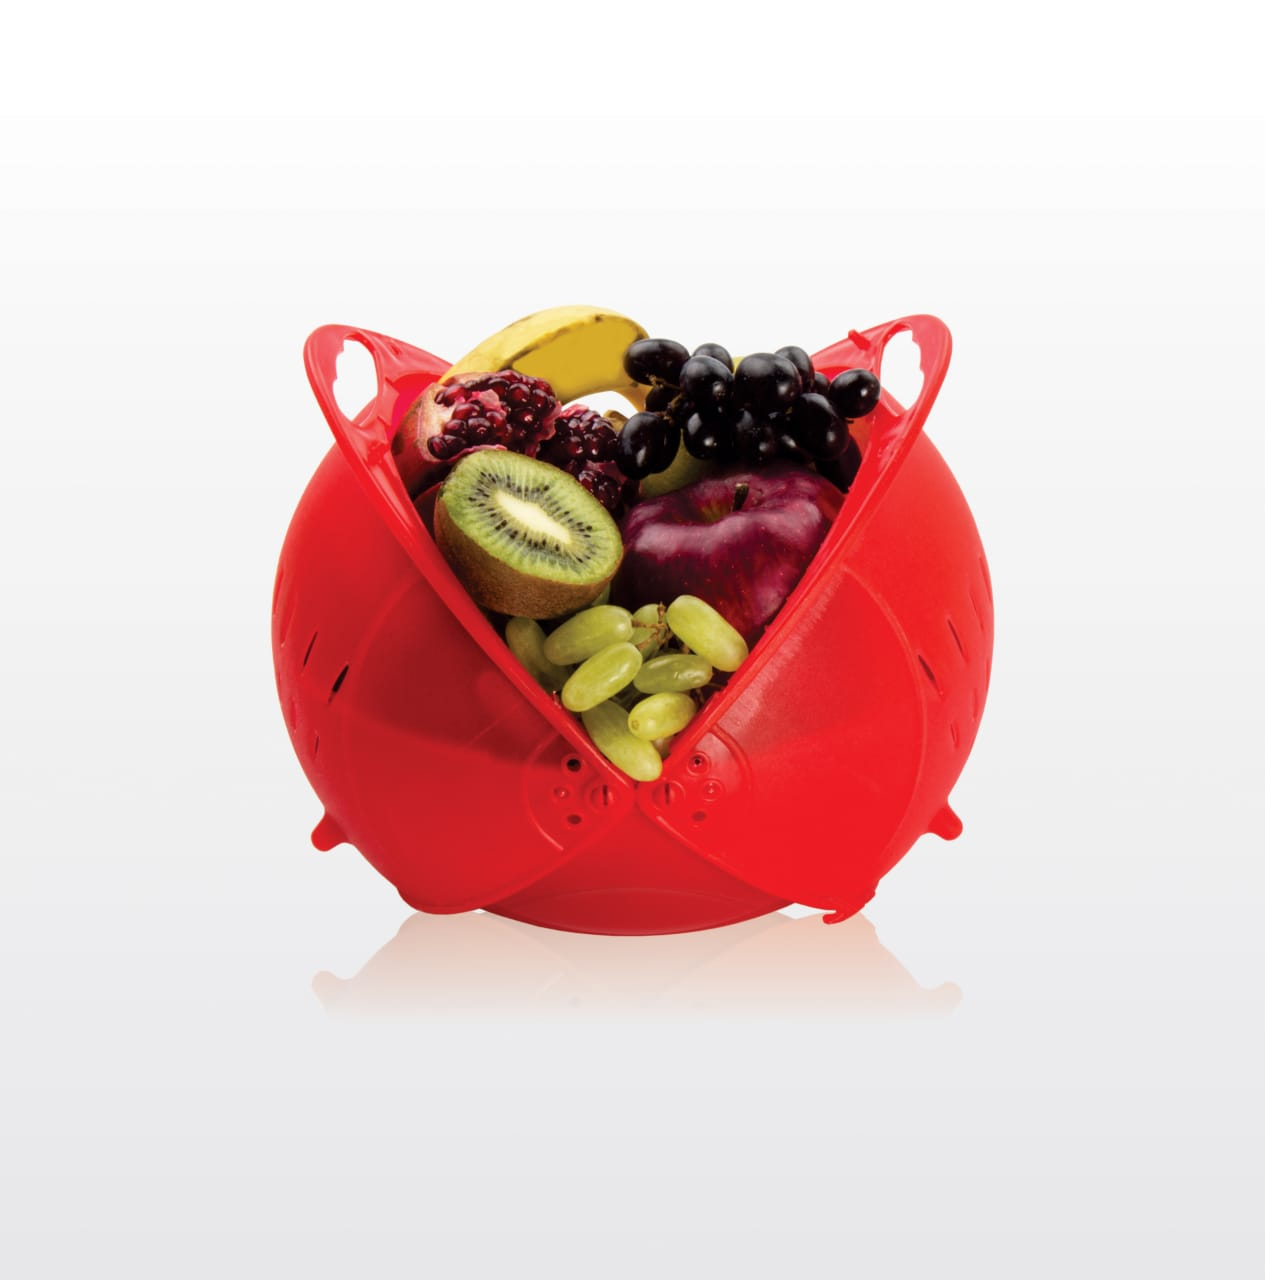 BlUMOON Plastic Fruit Vegetable Basket Plastic Fruit Vegetable Basket  Multicolor